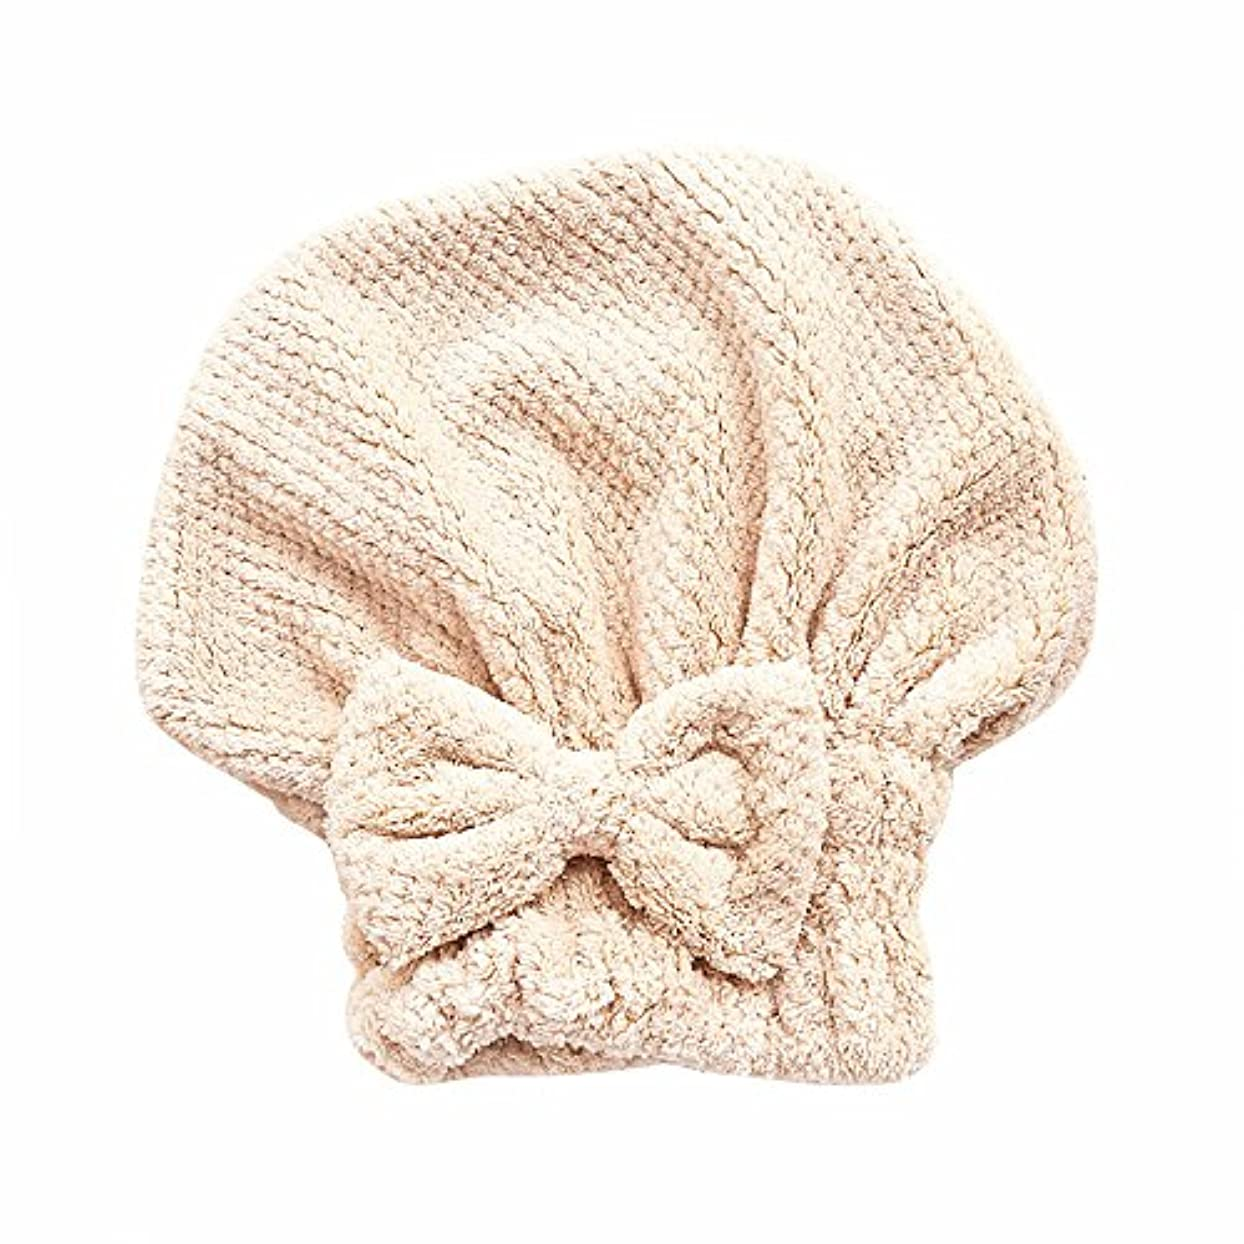 差別的アナログ渦ボコダダ(Vocodada)タオルキャップ ヘアキャップ 吸水 ヘアドライタオル 速乾 マイクロファイバー ヘア 乾燥 タオル 帽子 キャップ 風呂 ふわふわ 厚い 蝶結び 可愛い お姫様 26*27cm (カーキ)